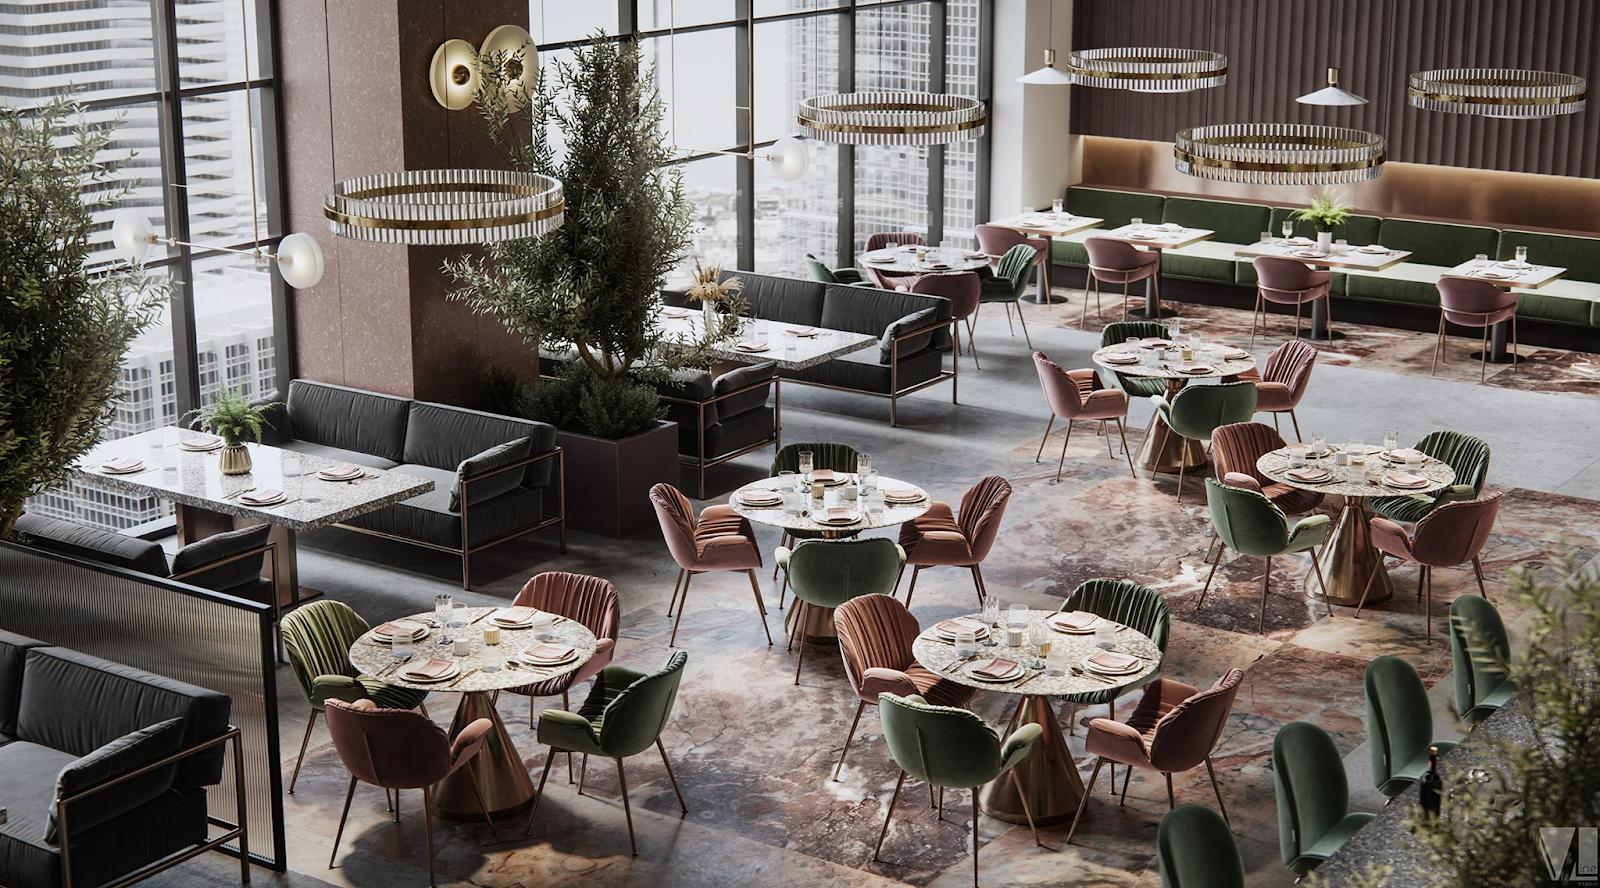 Thiết kế nhà hàng kiểu Châu Âu